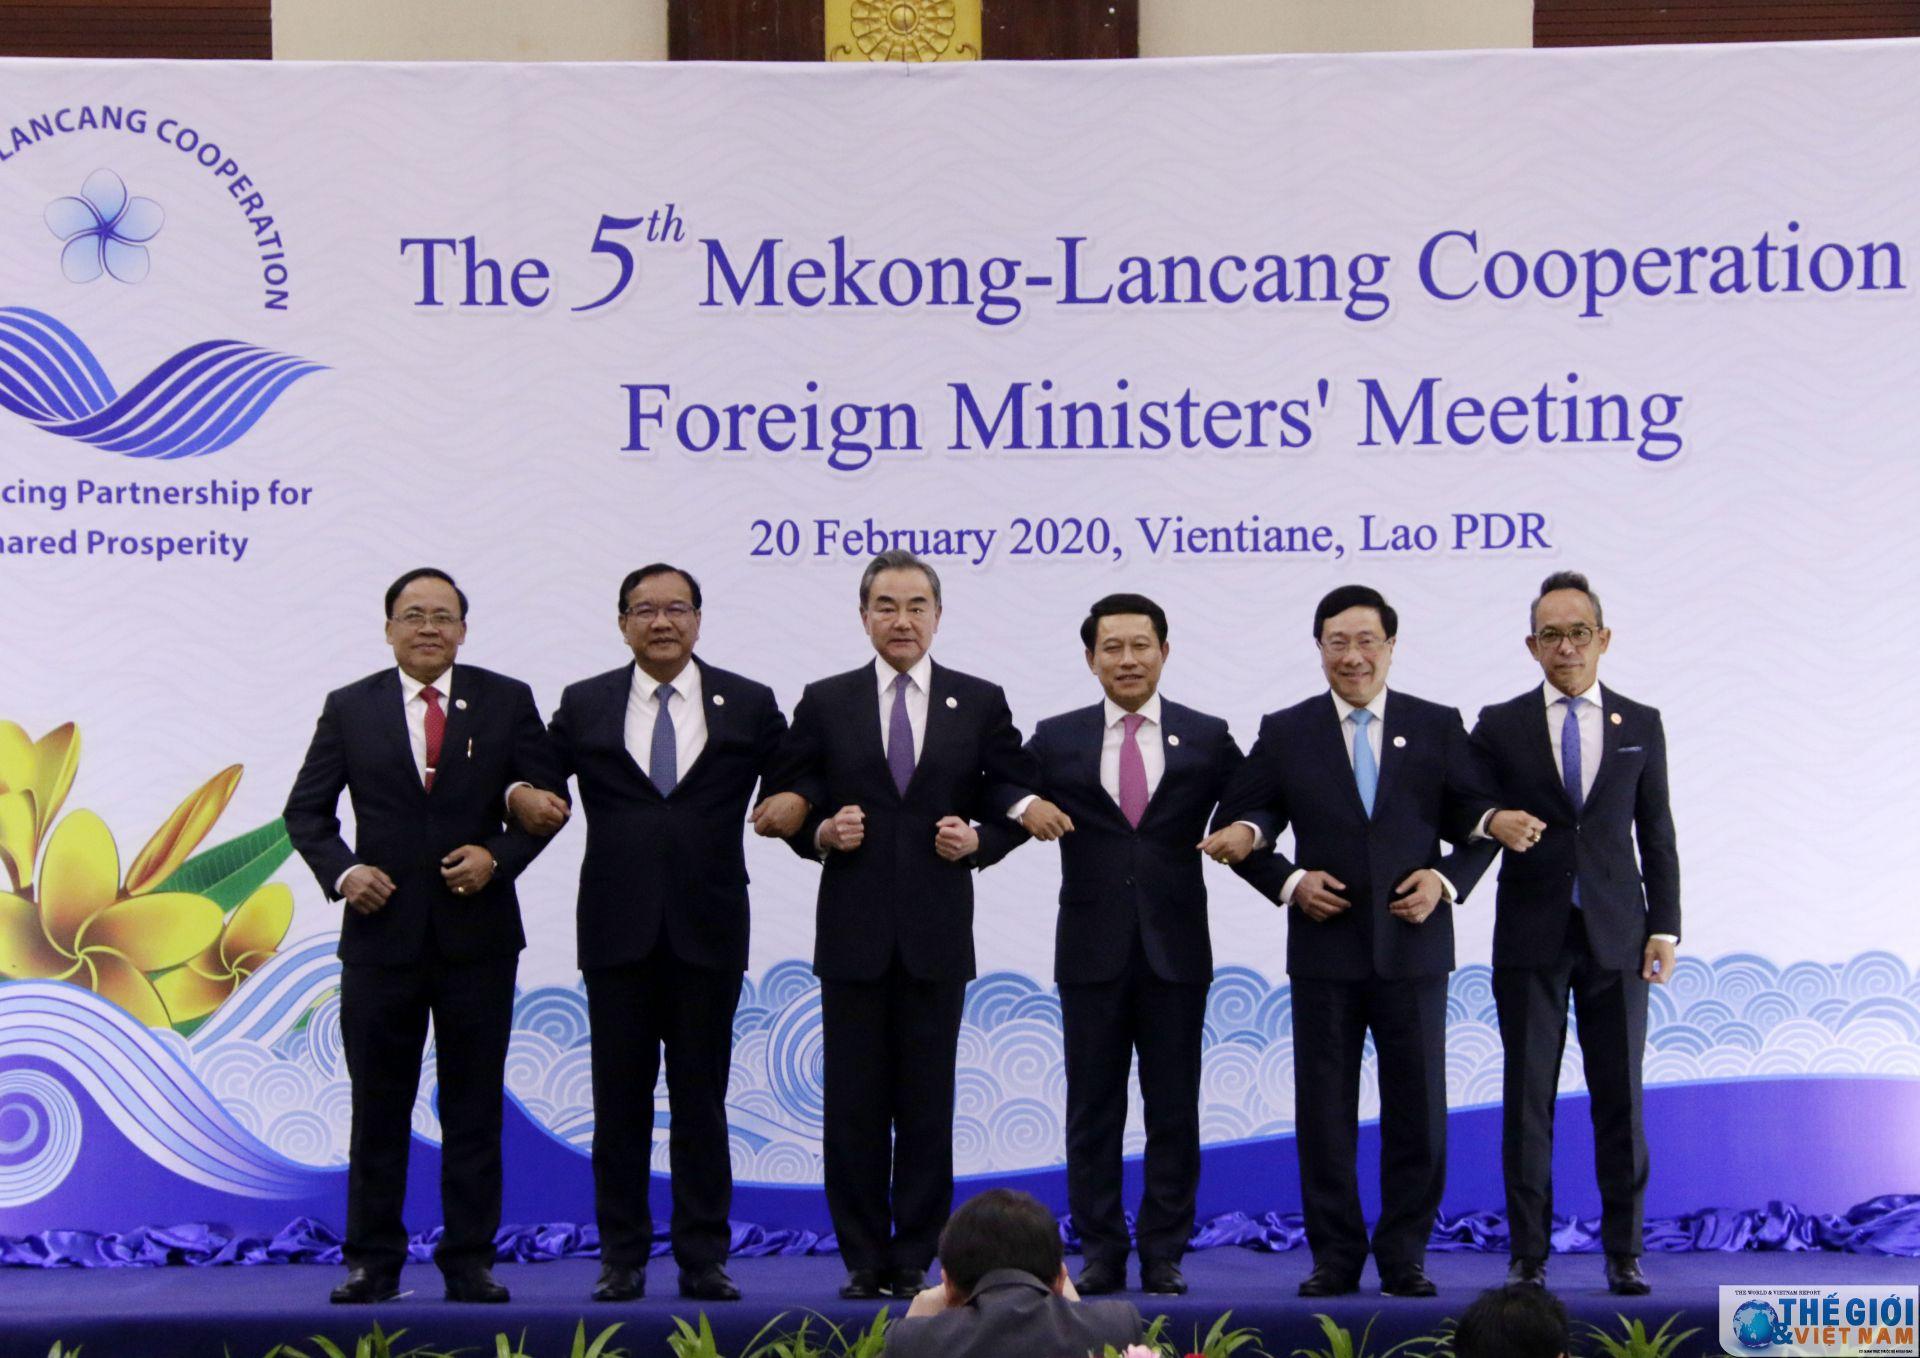 Trung Quốc tuyên bố xả đập thủy điện, nhưng nước không tới được ĐBSCL